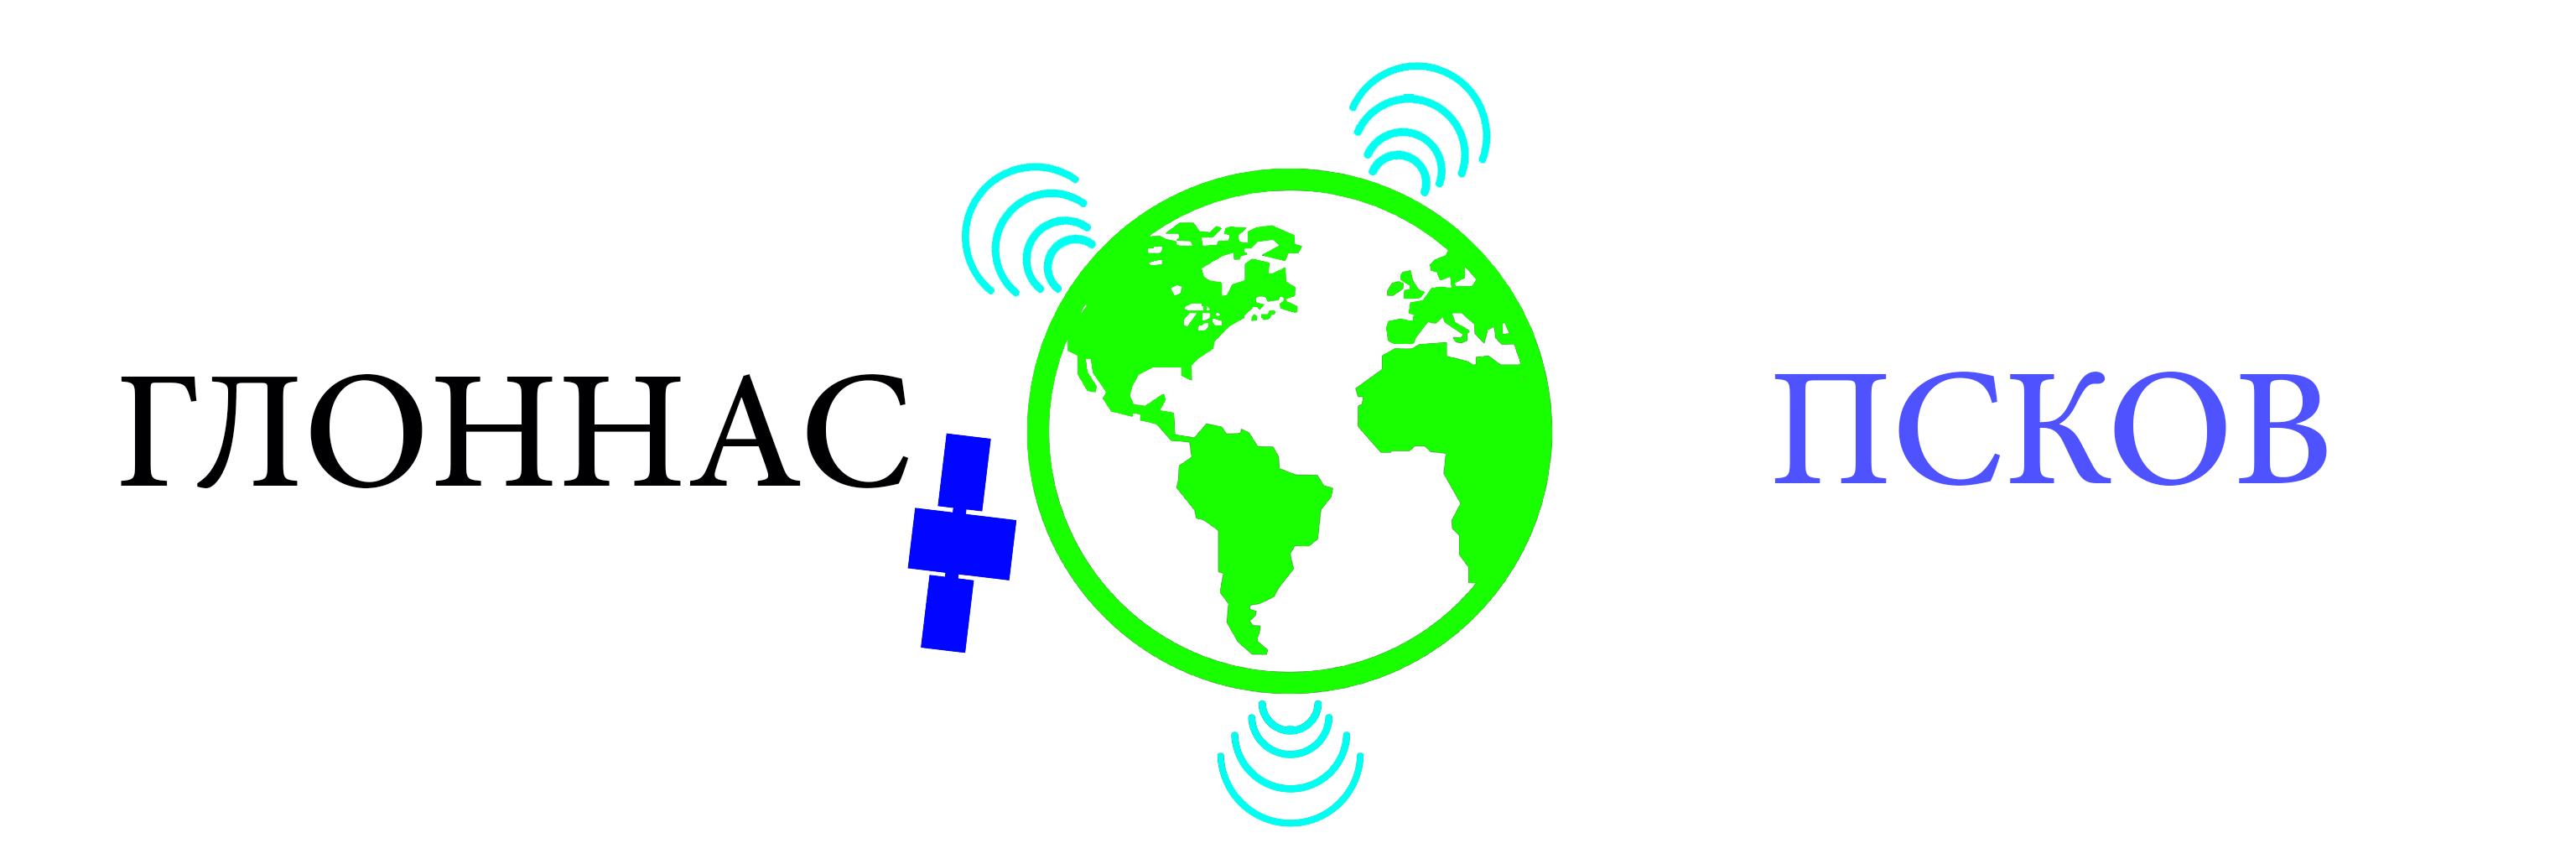 Разработка логотипа фото f_570596db8a0912ad.png